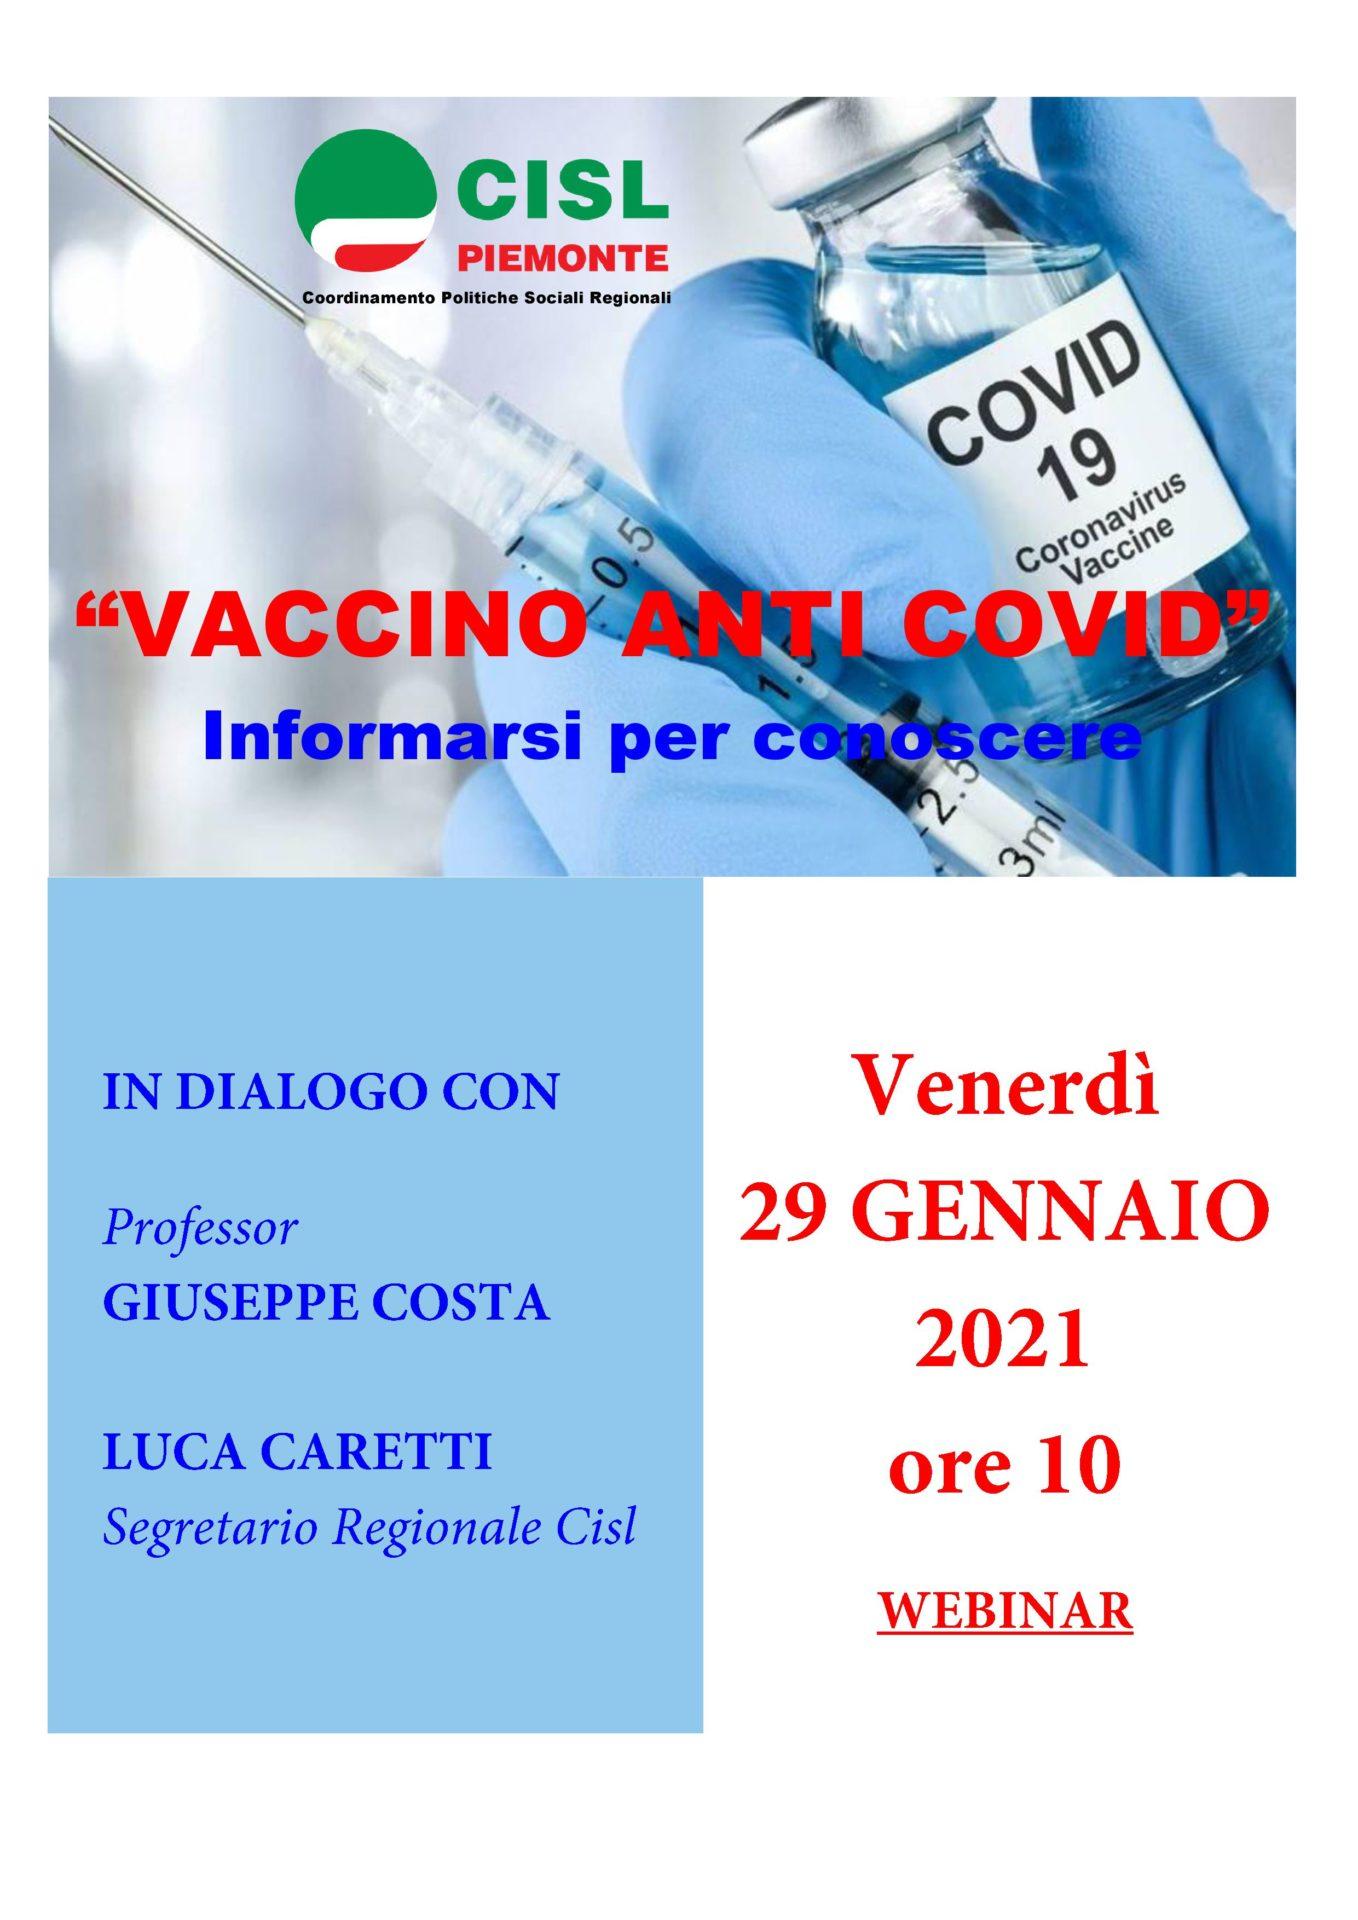 locandina vaccinazione 29 gennaio 2021